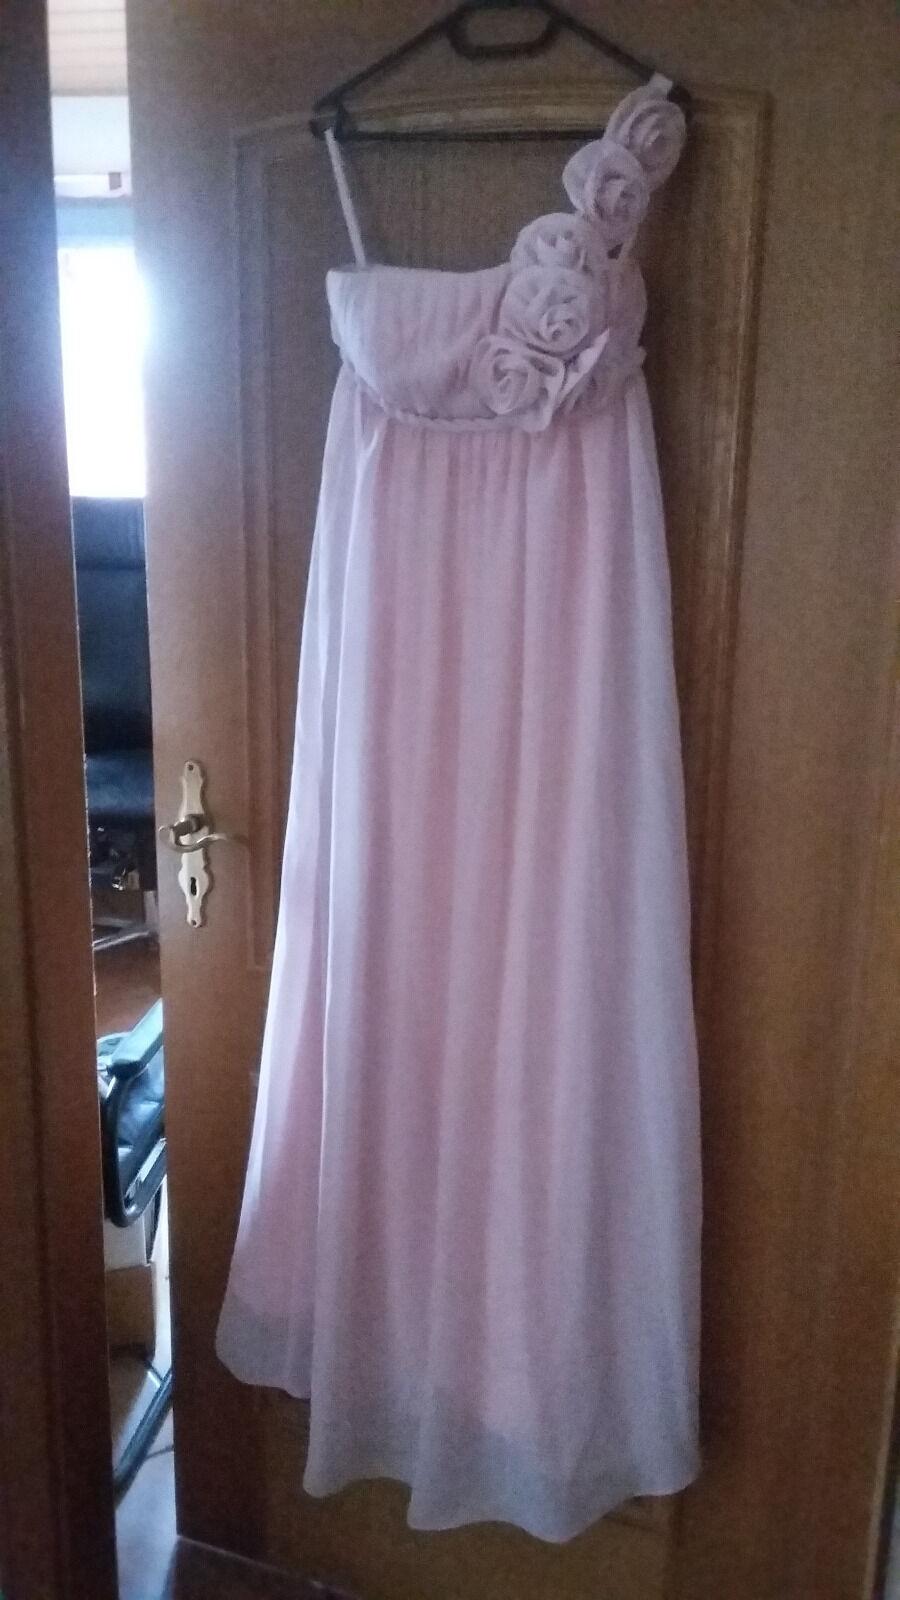 Abendkleid Rosa - Massanfertigung - Gr. ca. 32 , 1 1 1 x getragen | Reparieren  | Sonderangebot  | Qualitätskönigin  bf4cbd